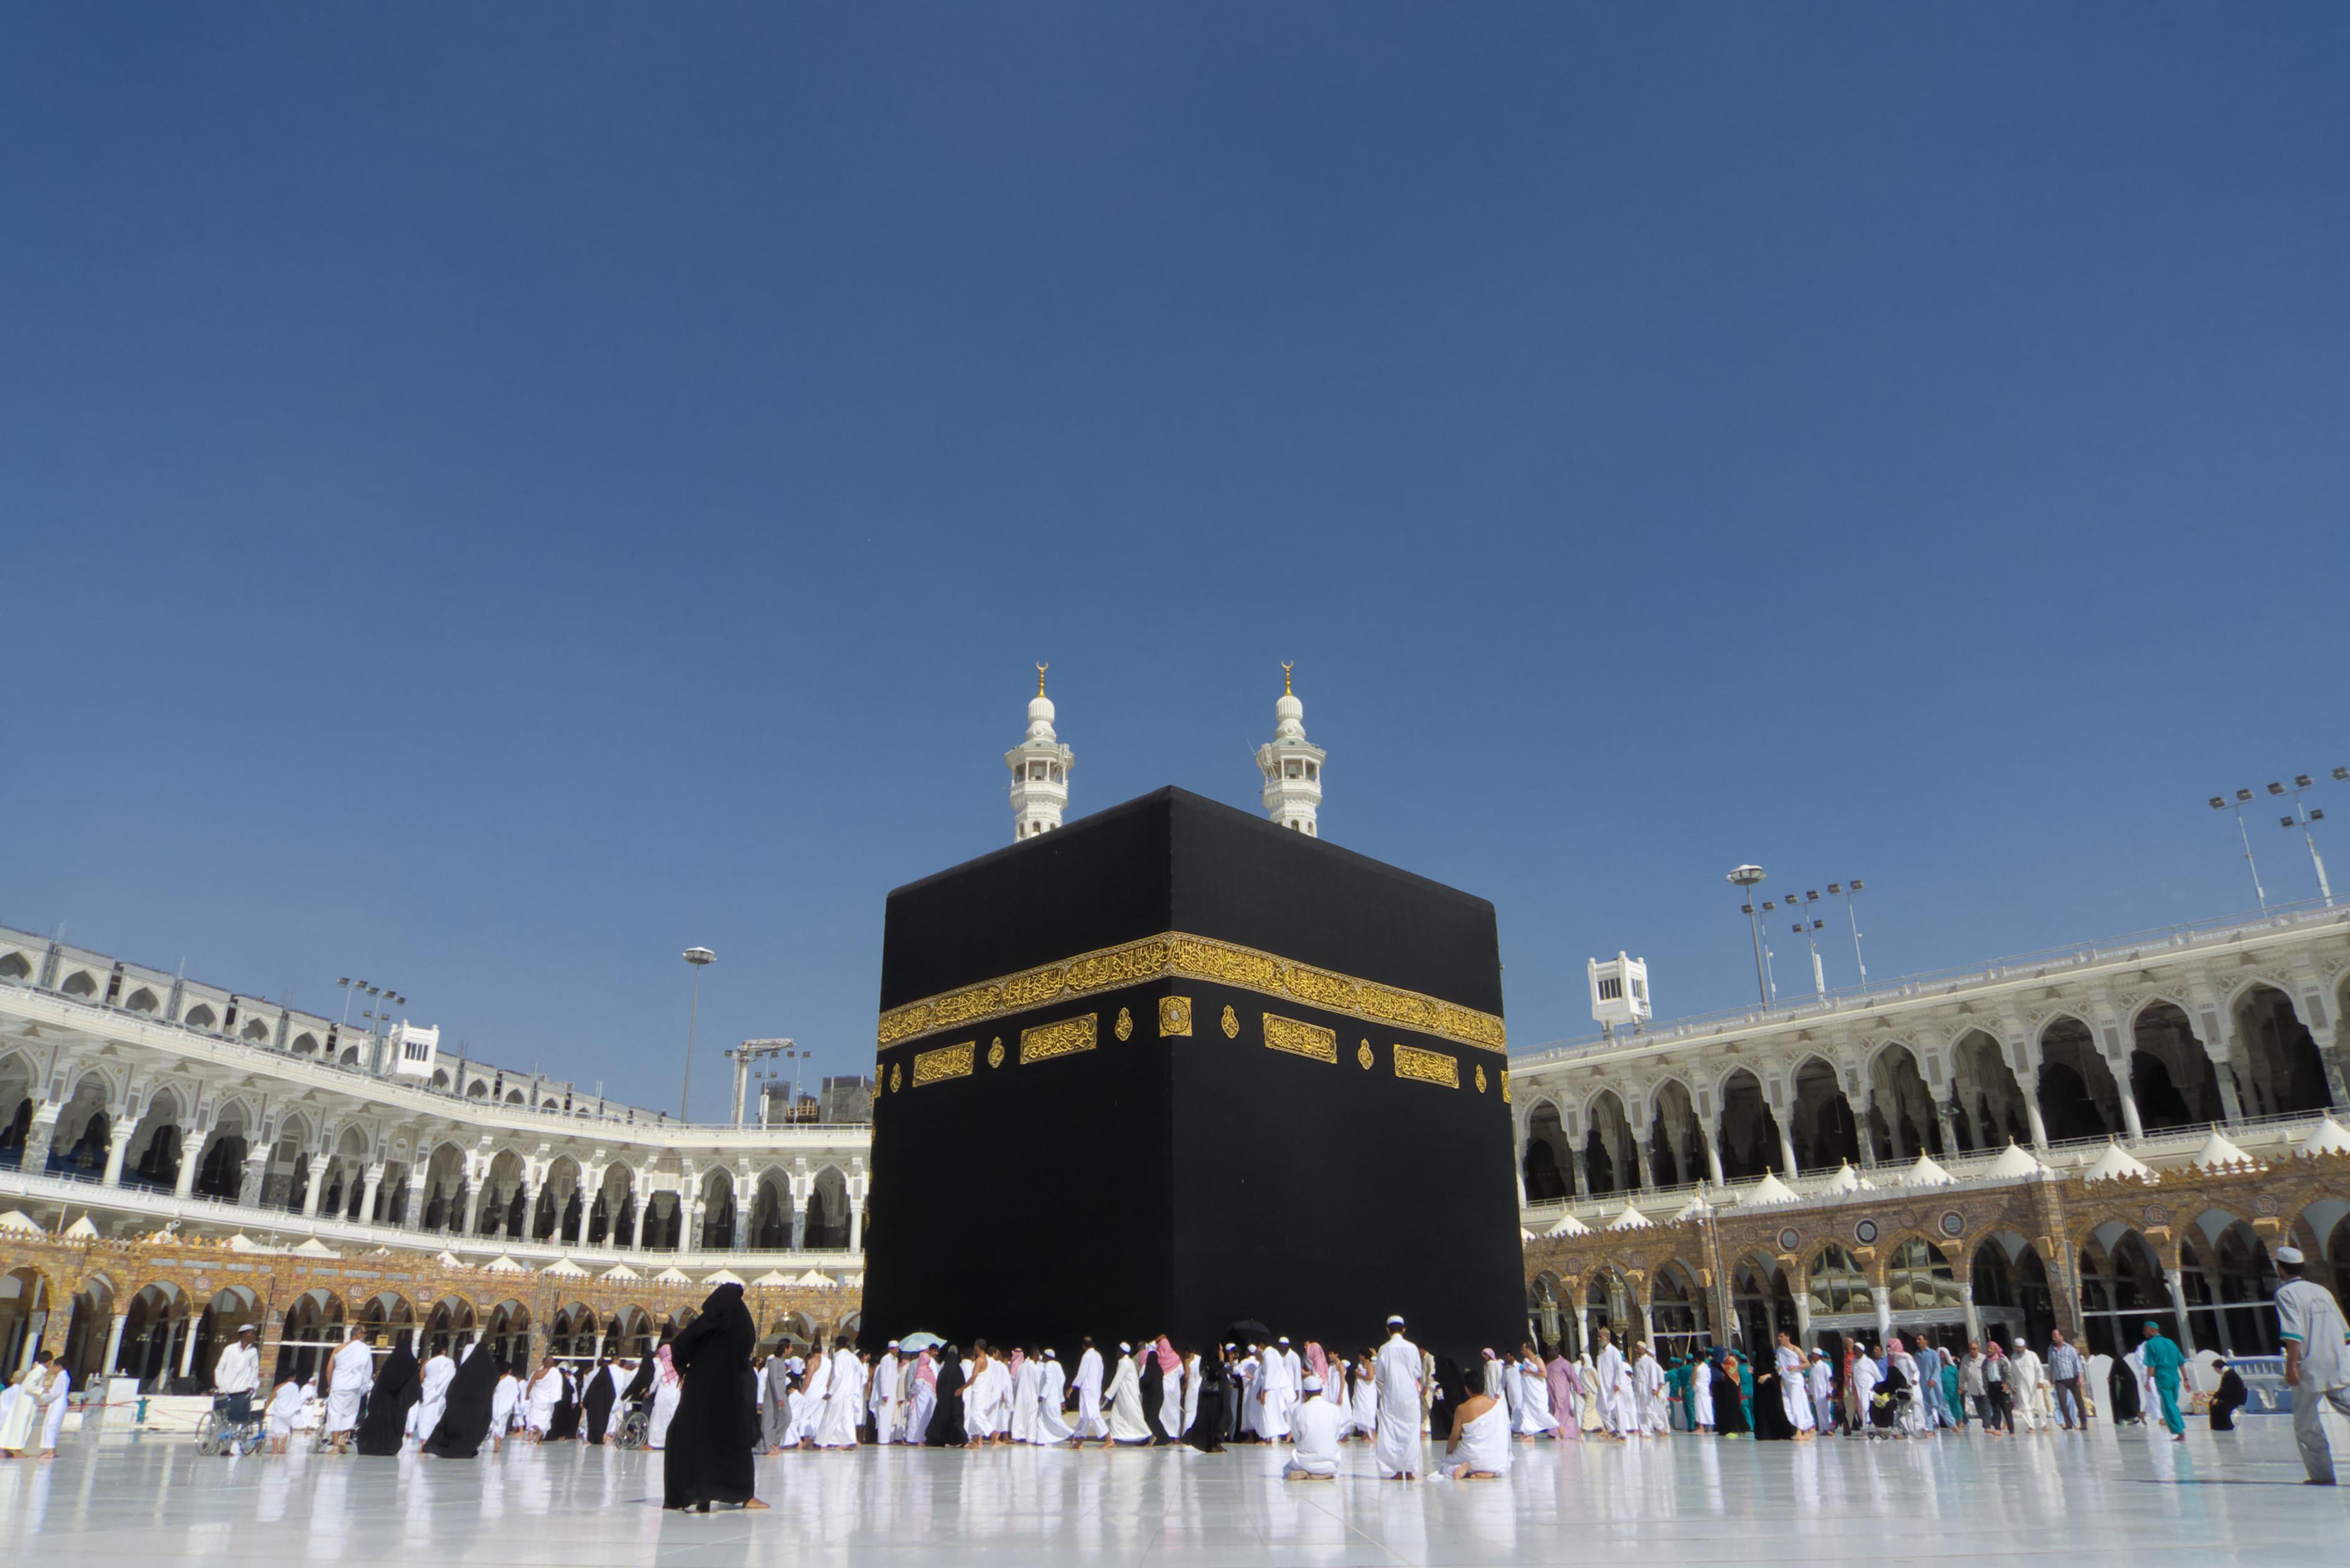 Kaaba-mecca-wallpaper-roee0x7h-e1392361502768 » AhlulBayt